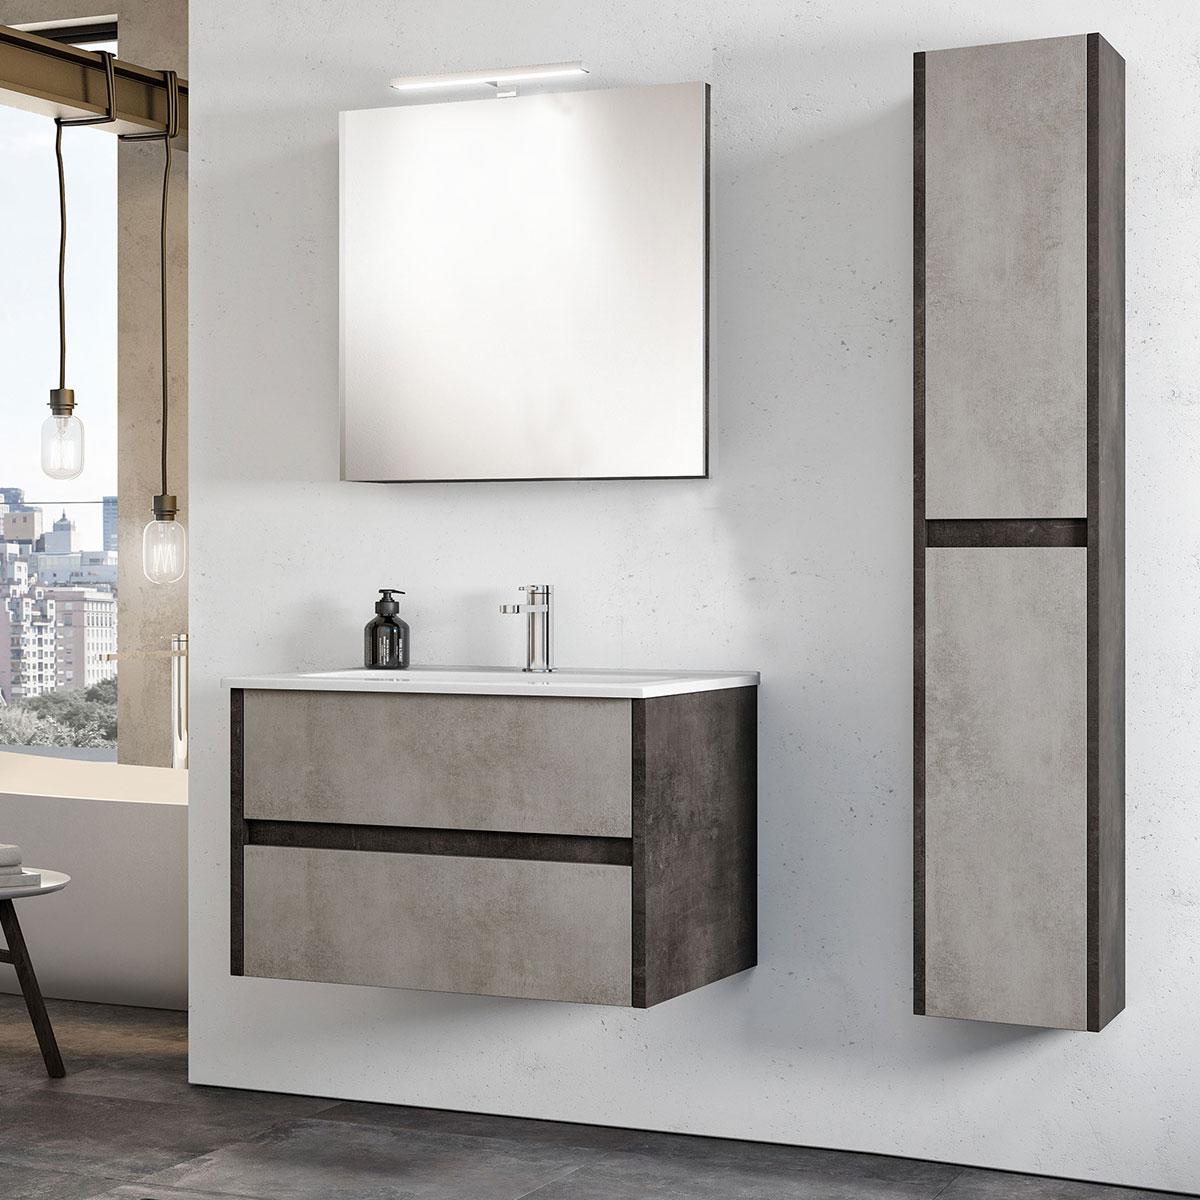 Armadietto Bagno Moderno mobile bagno sospeso cemento grace 1.80 - bagni e pavimenti